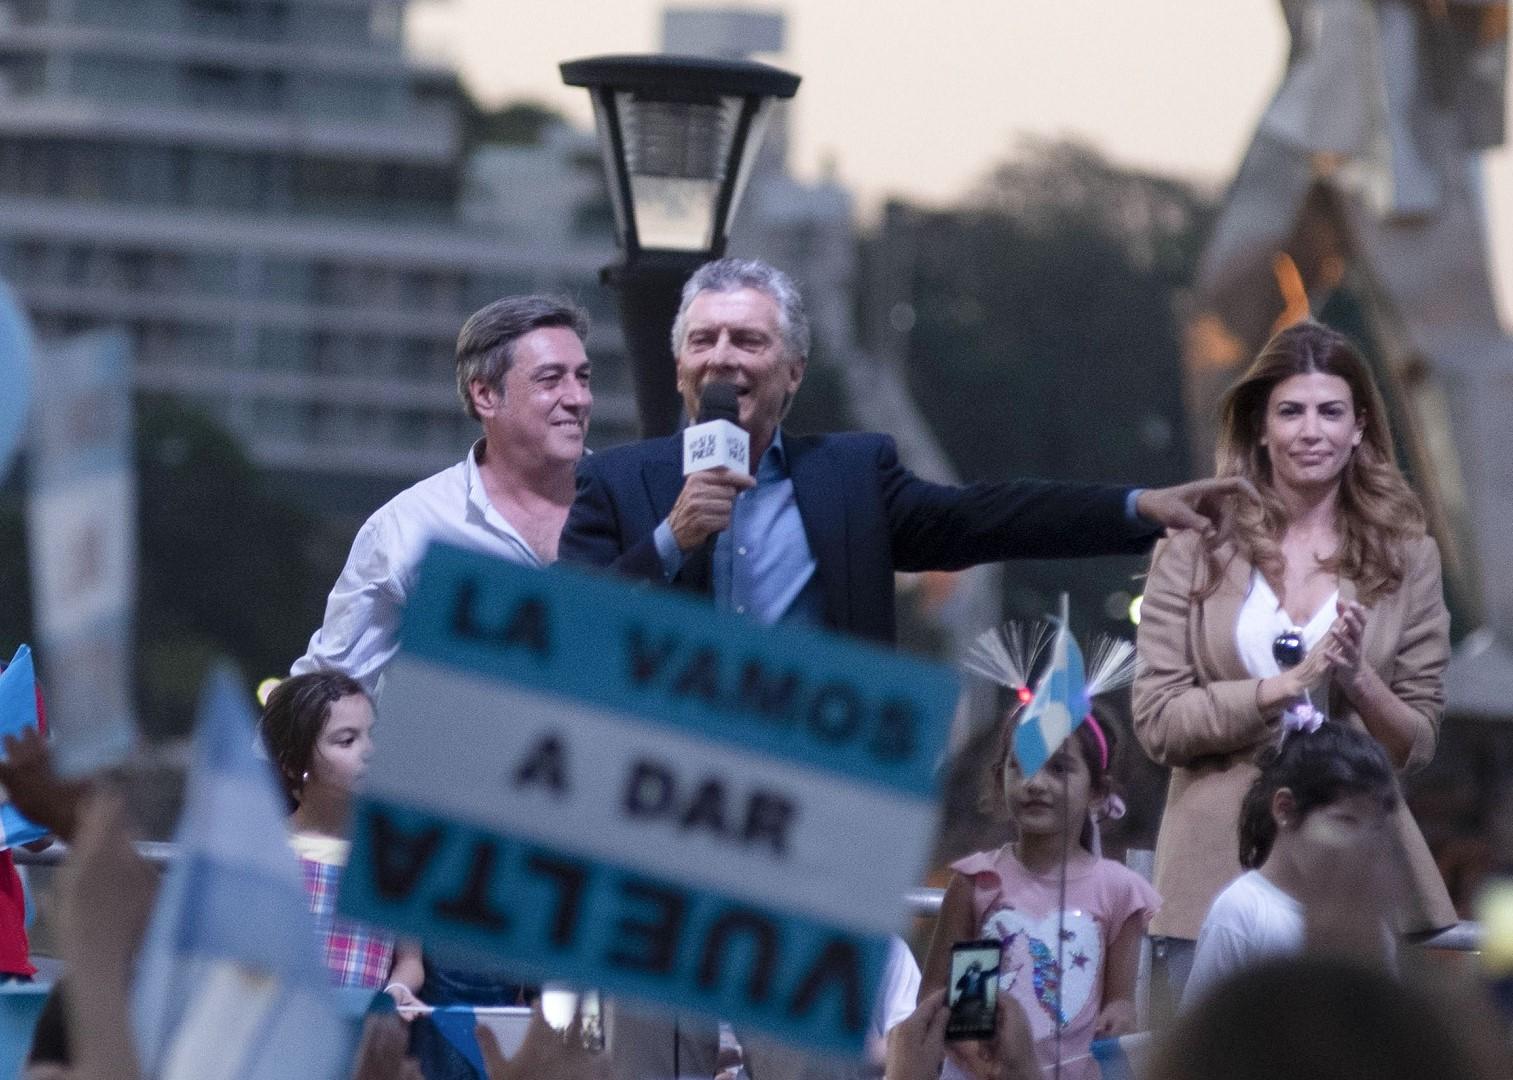 elezioni in argentina 2019 presidenziali sondaggi macri fernandez